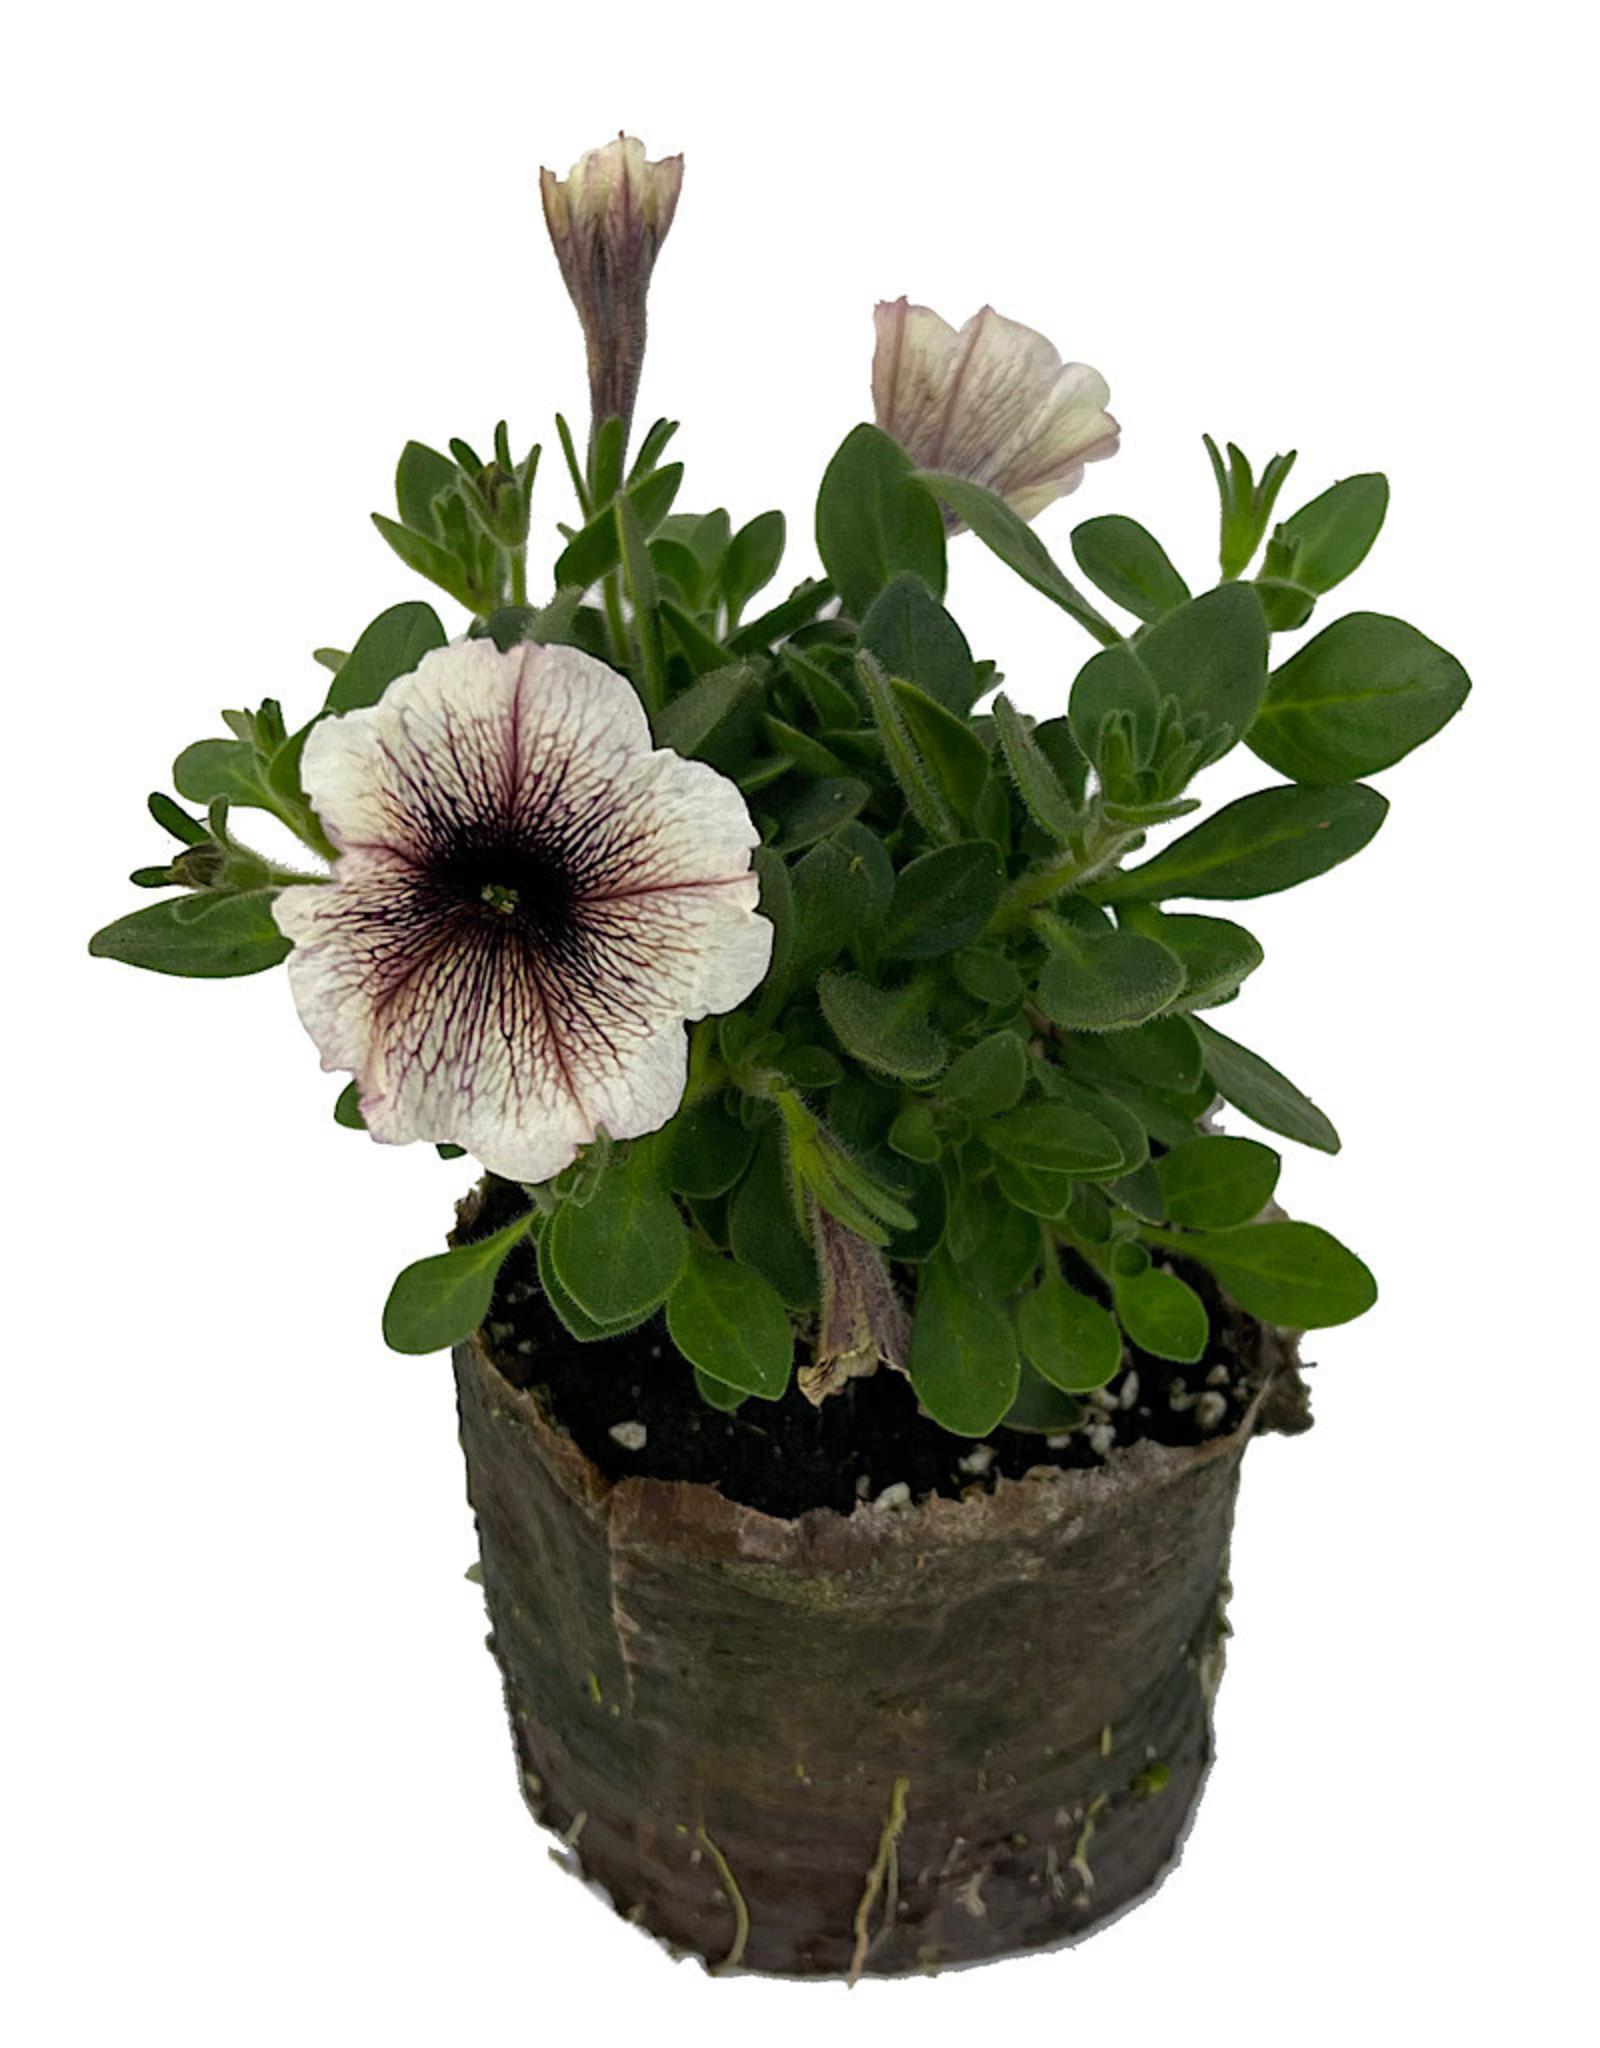 Petunia 'Supertunia Latte' 4 inch